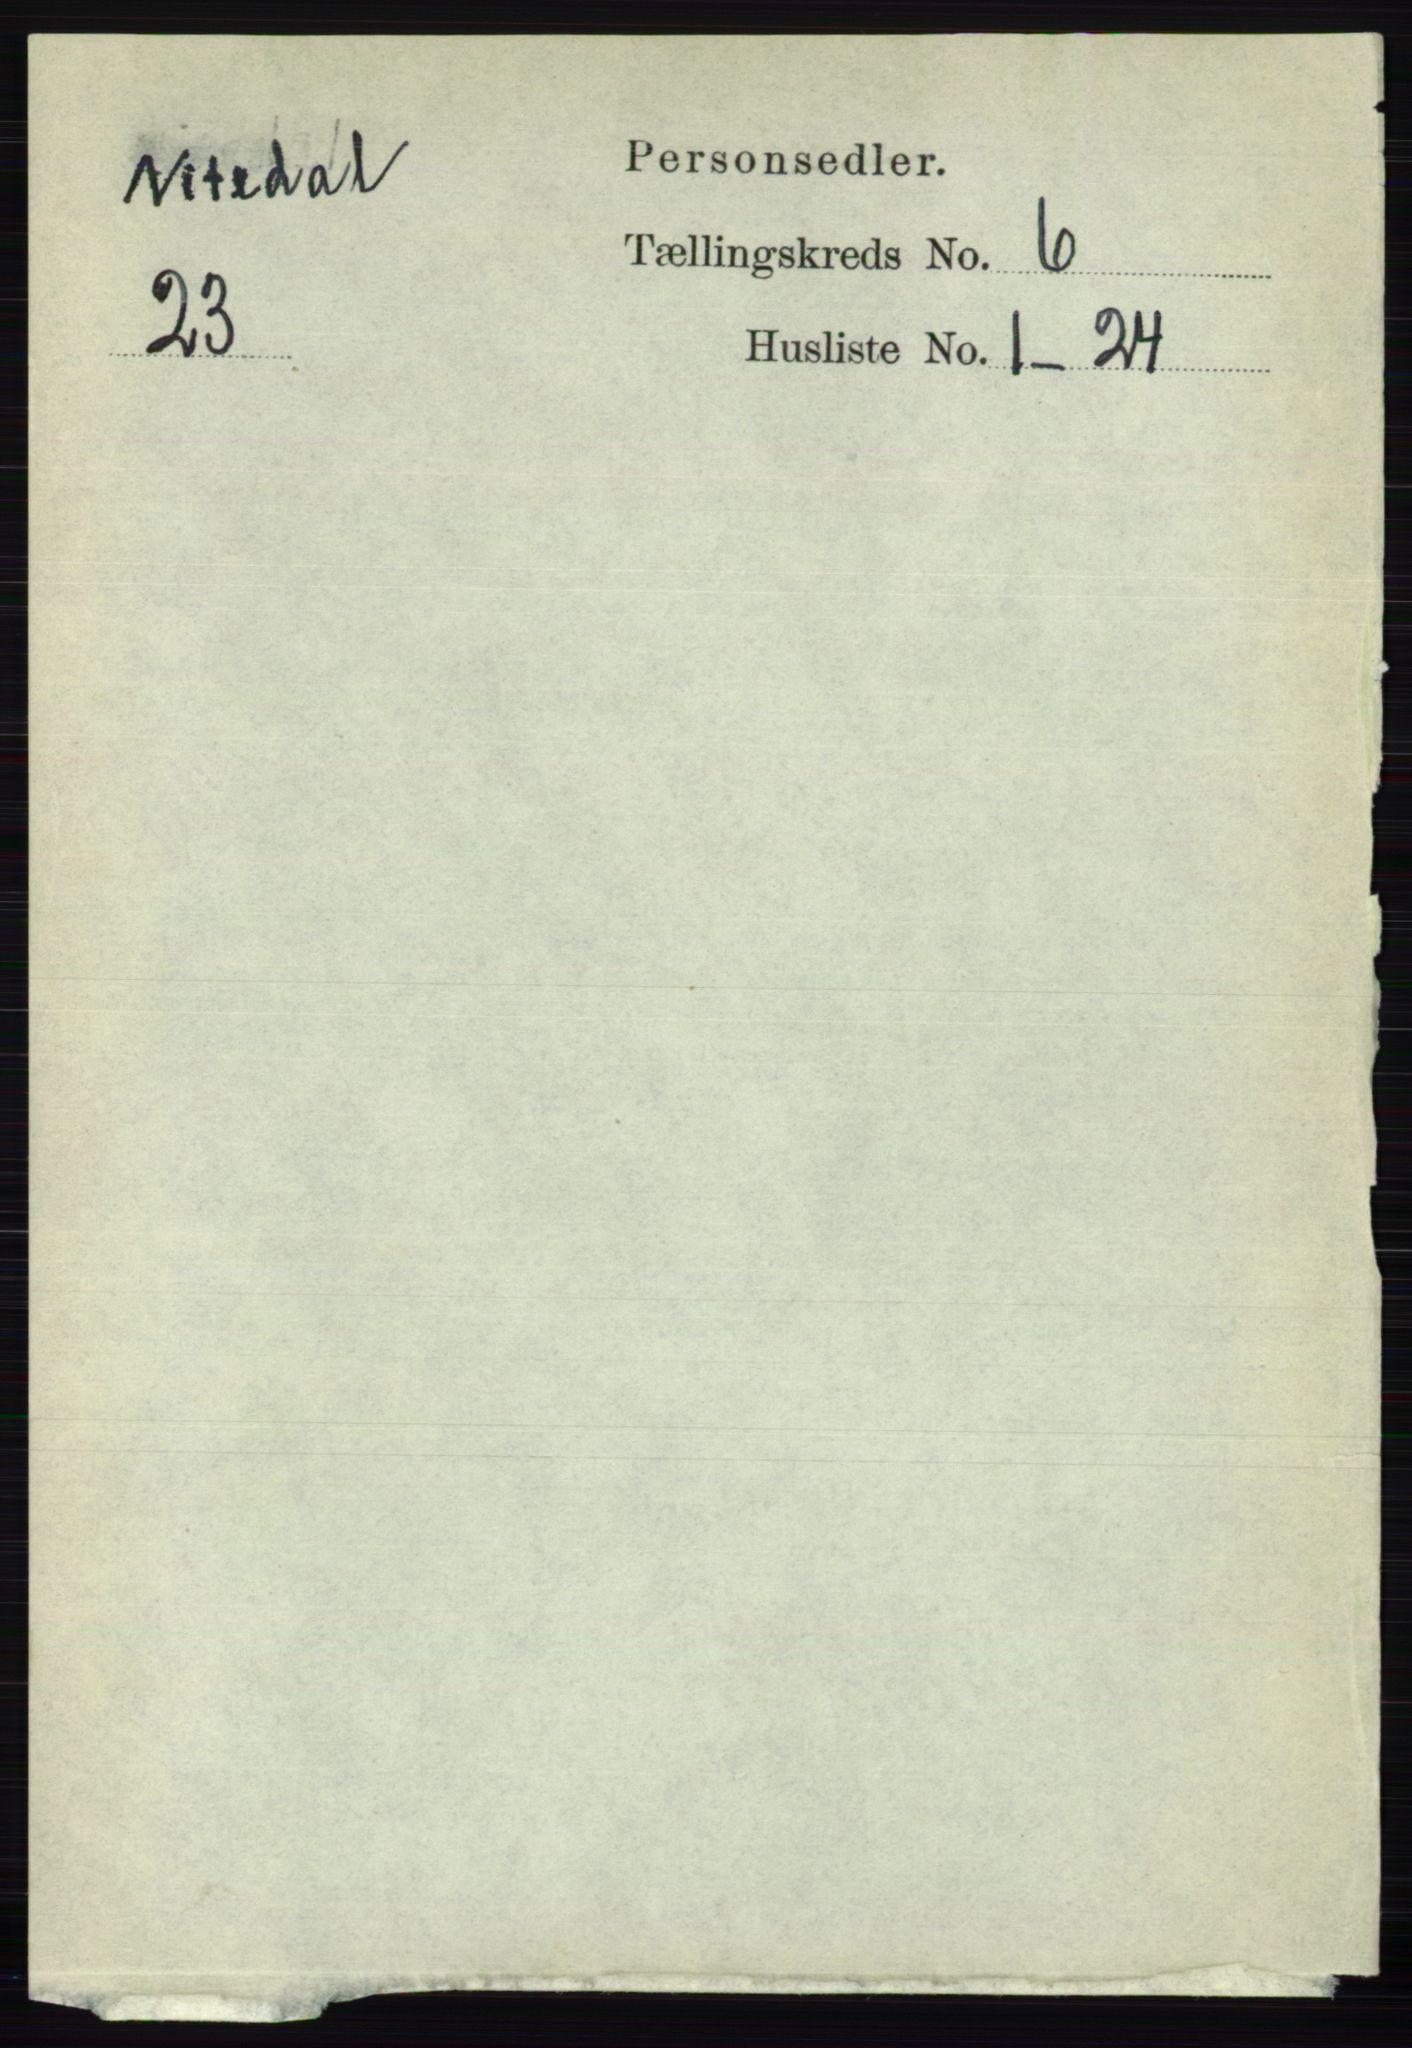 RA, Folketelling 1891 for 0233 Nittedal herred, 1891, s. 2609